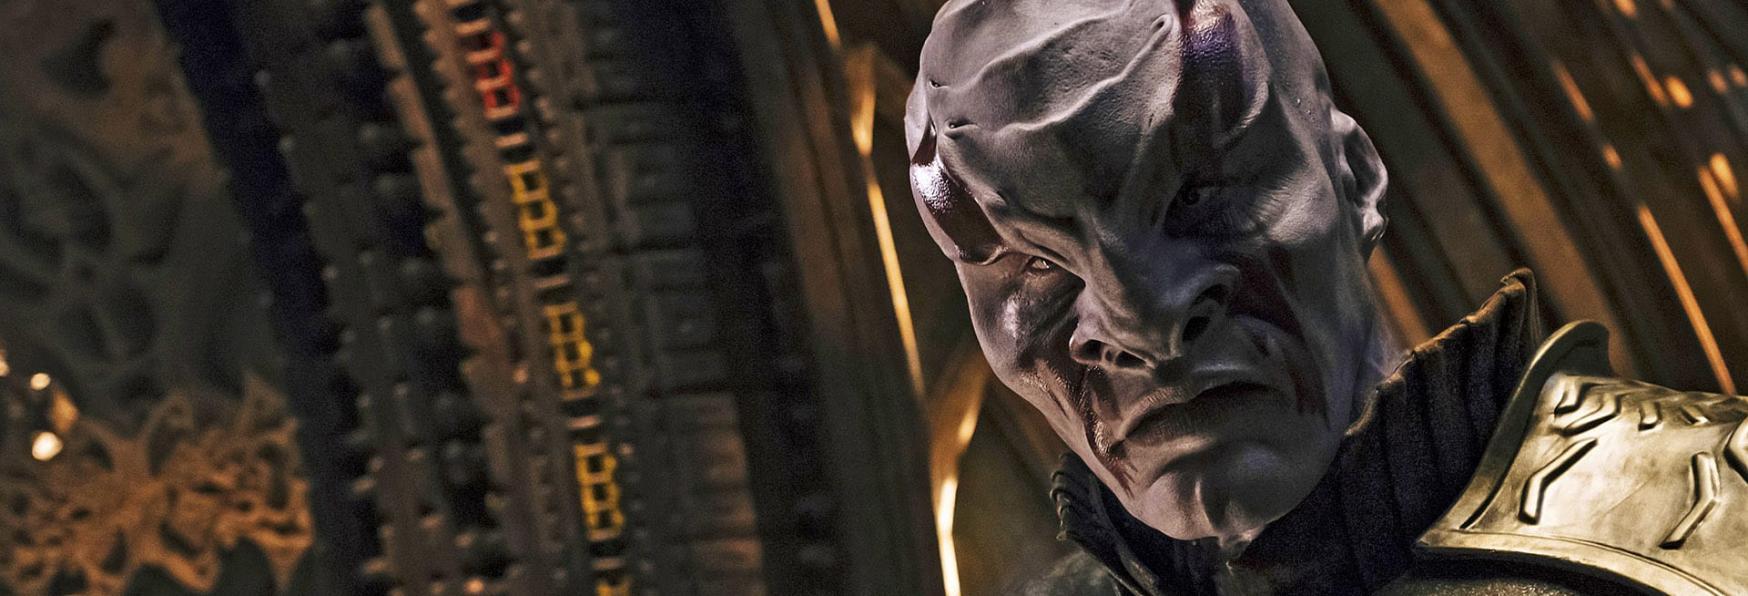 Star Trek: Discovery 3 - Kenneth Mitchell interpreterà un nuovo Personaggio nella Stagione Inedita